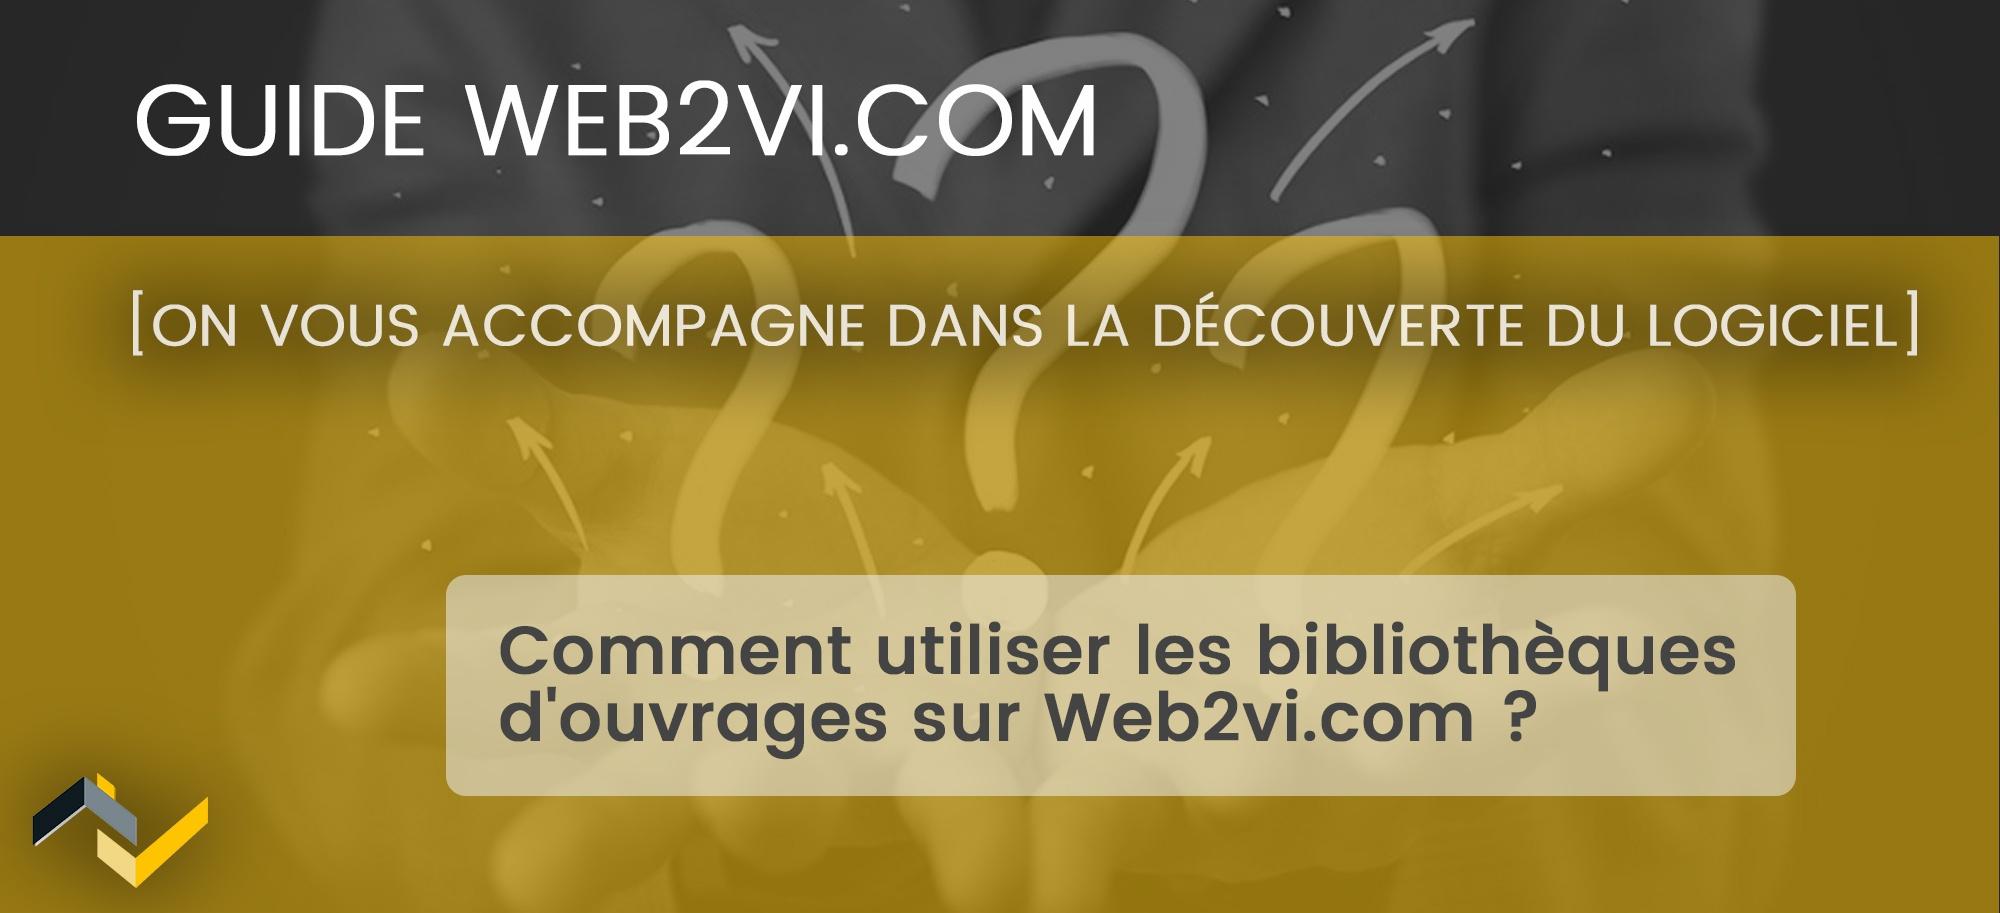 Comment utiliser les bibliothèques d'ouvrages sur Web2vi.com ?